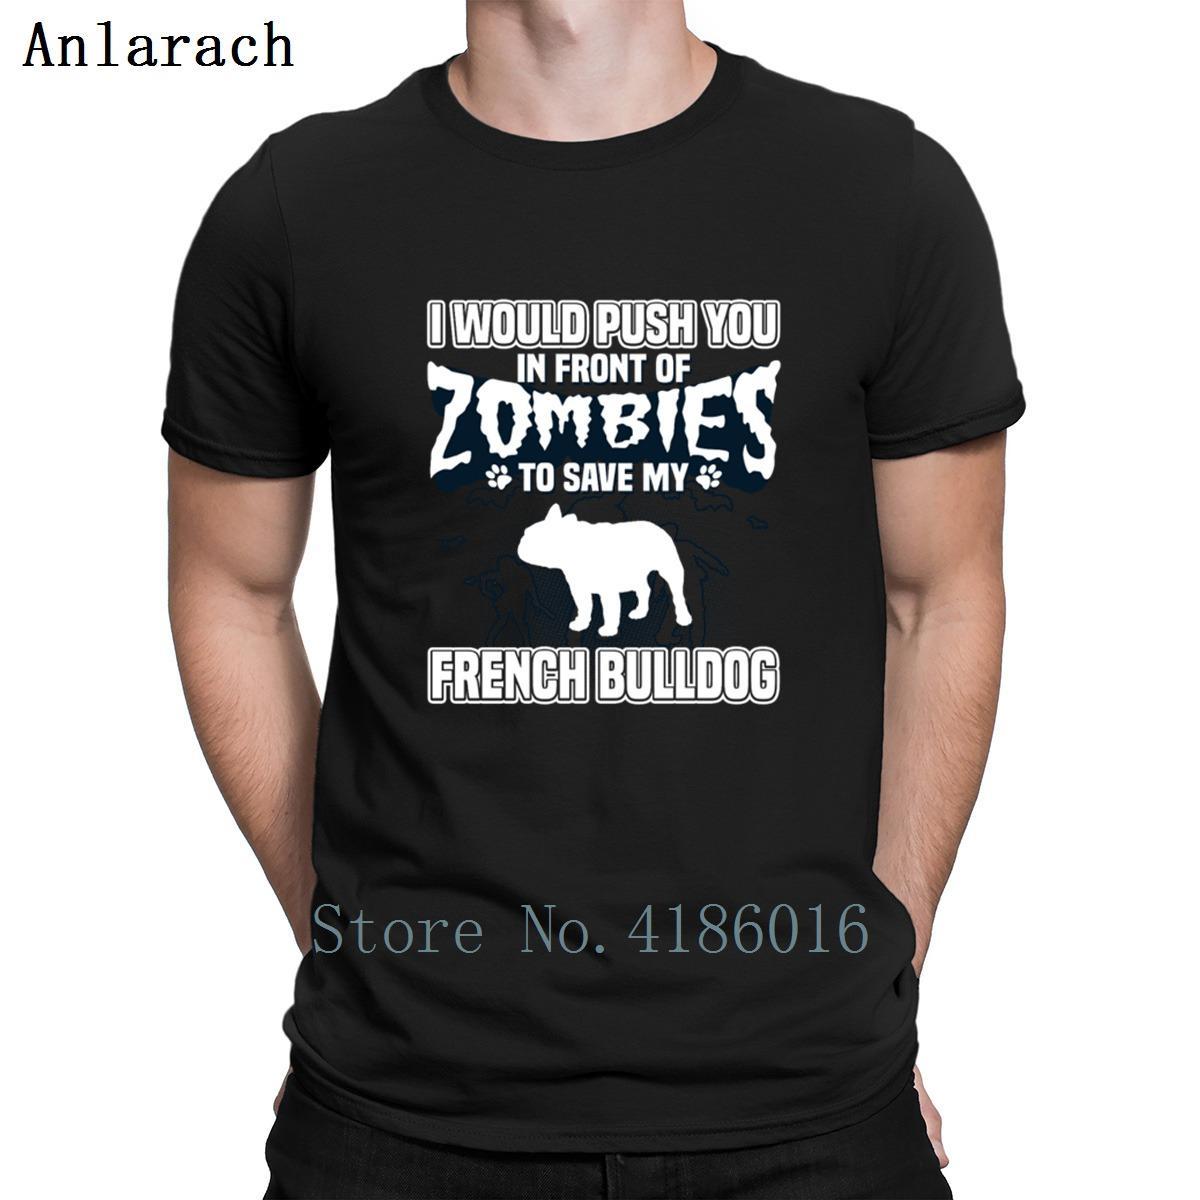 Traje camisetas Bulldog francés Zombies Ocio Humor Pop Top del camiseta de los hombres del estilo del verano Impreso gráfico algodón O-Cuello